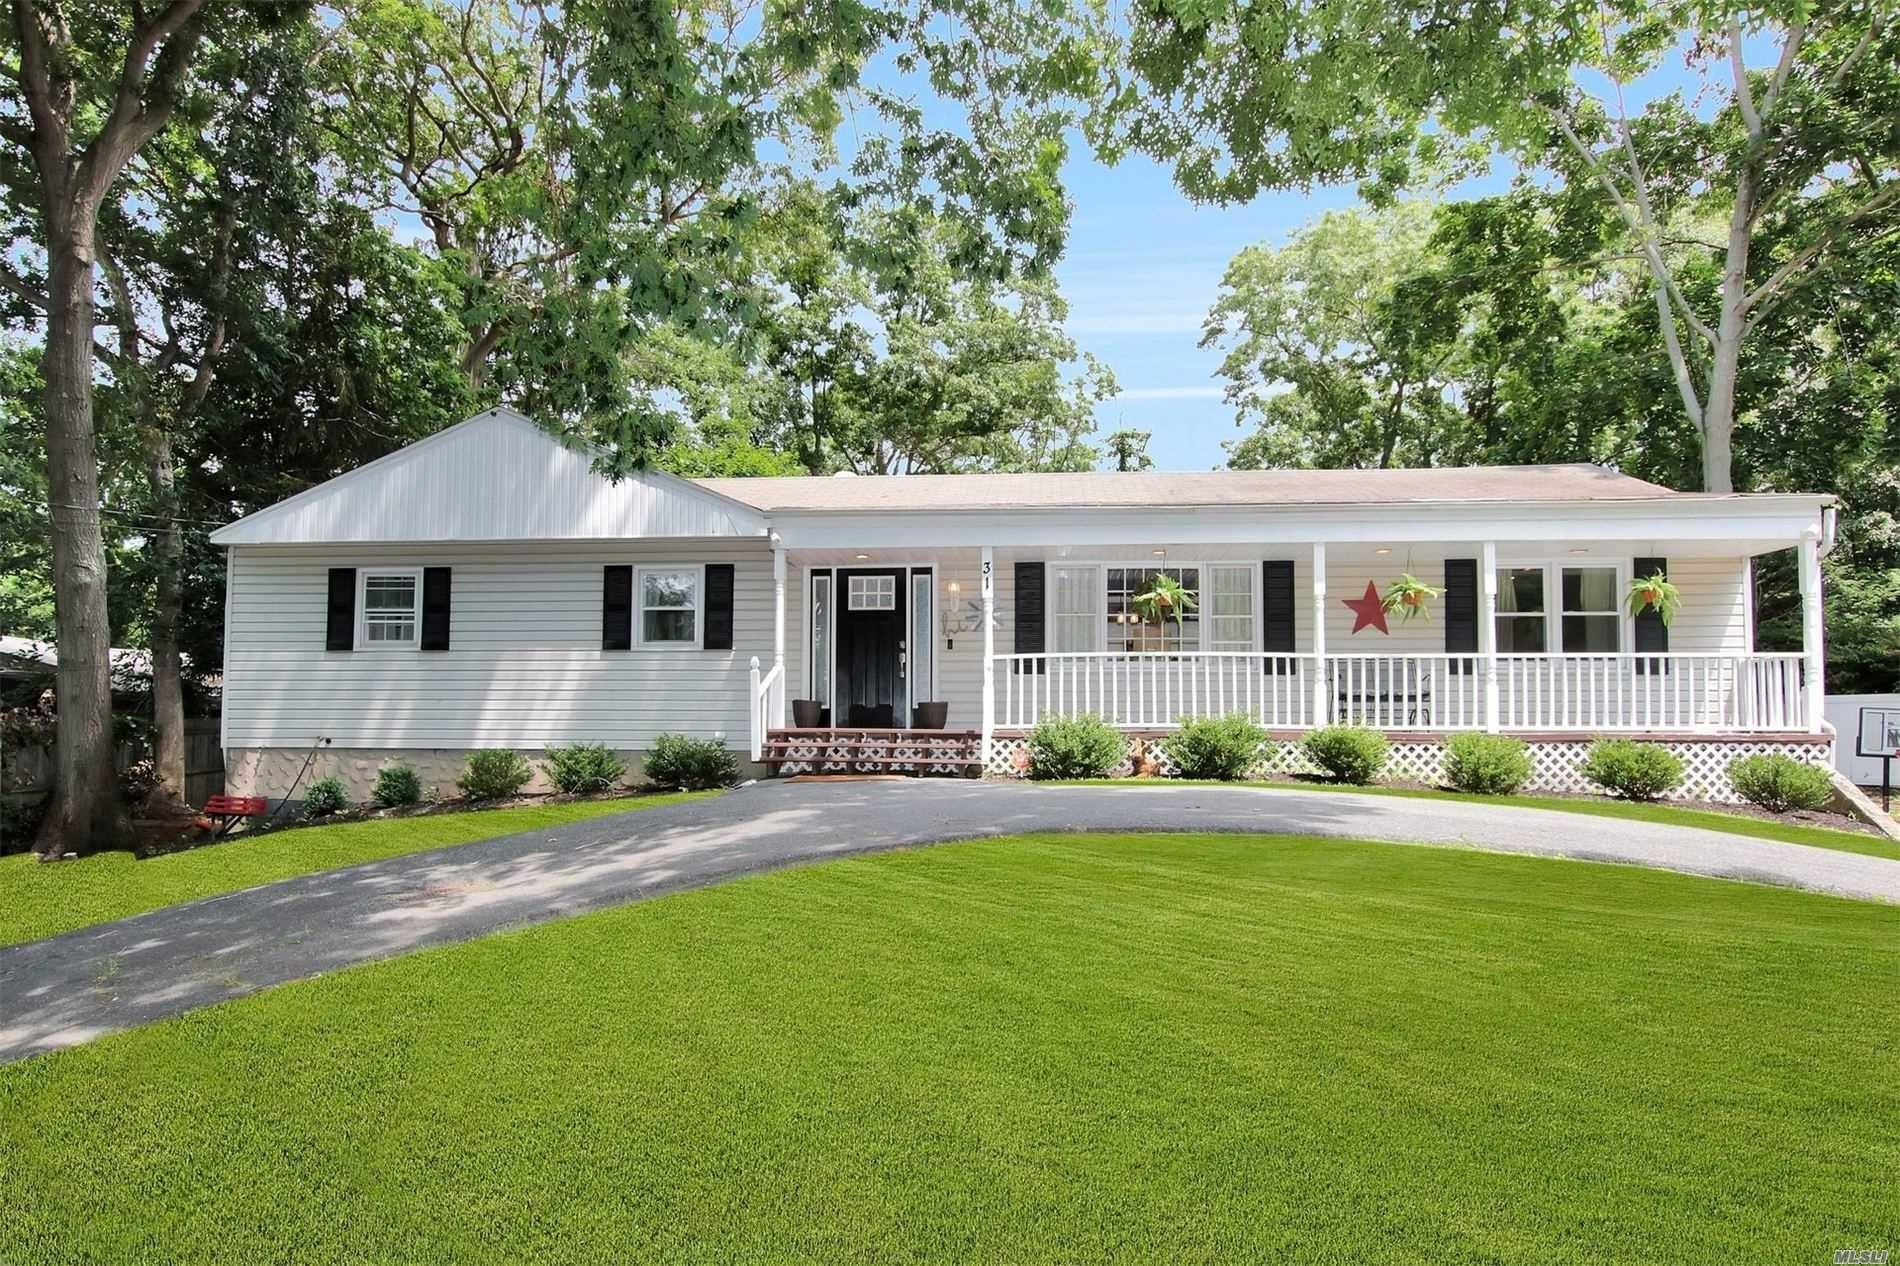 31 Whitewood Drive, Rocky Point, NY 11778 - MLS#: 3232583